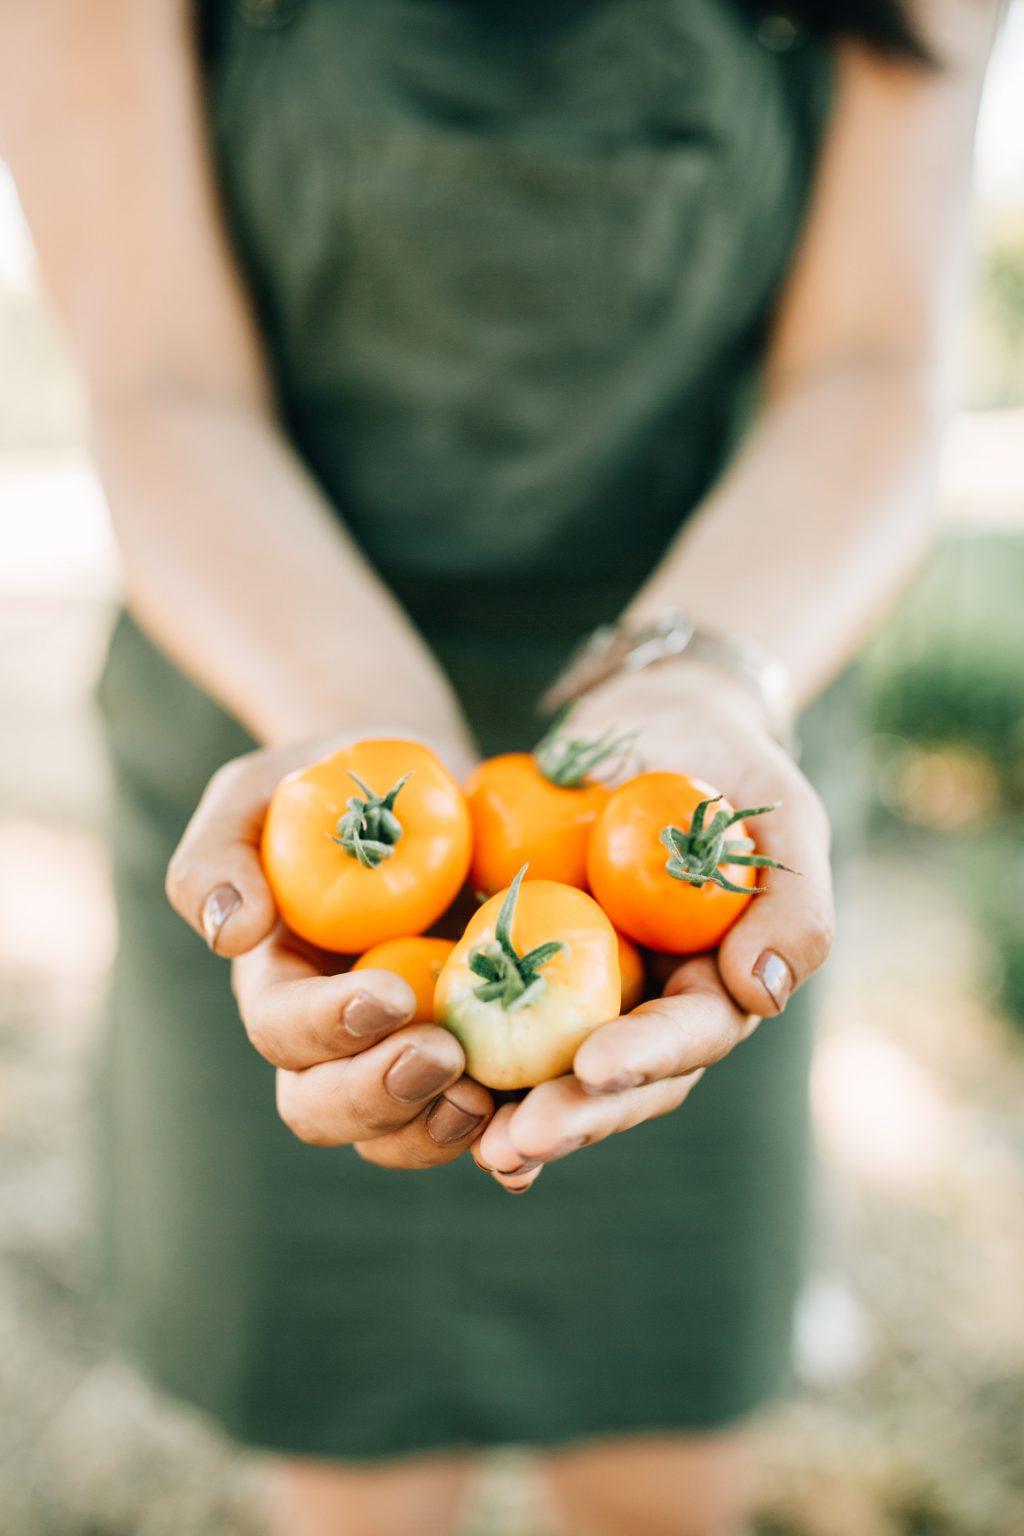 cô gái hạnh phúc cầm cà chua